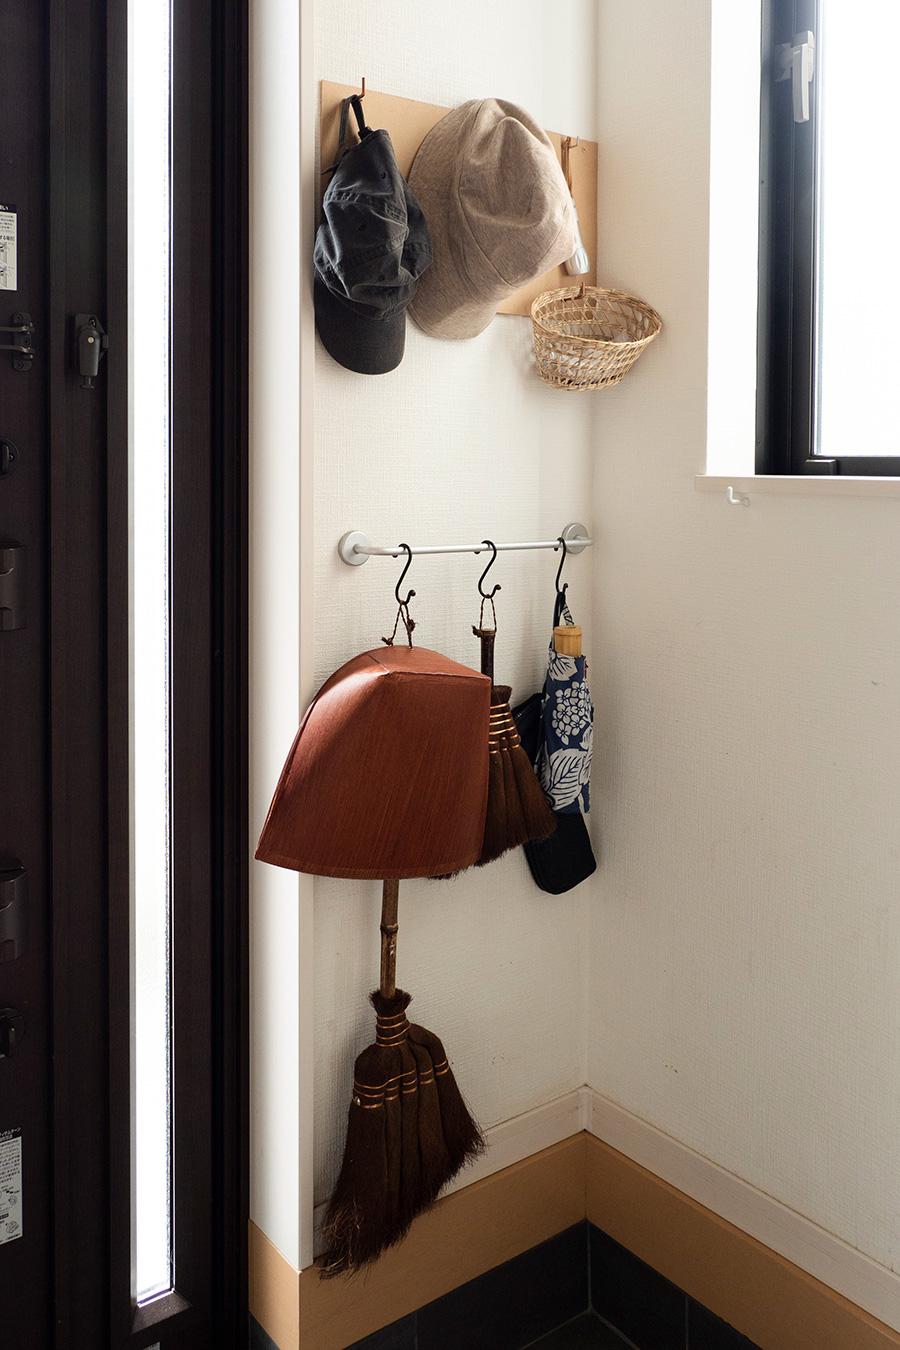 掃除道具や帽子、傘など出かけるときに必要な小物をS字フックに。床上は空けておくのがlinenさんの鉄則。